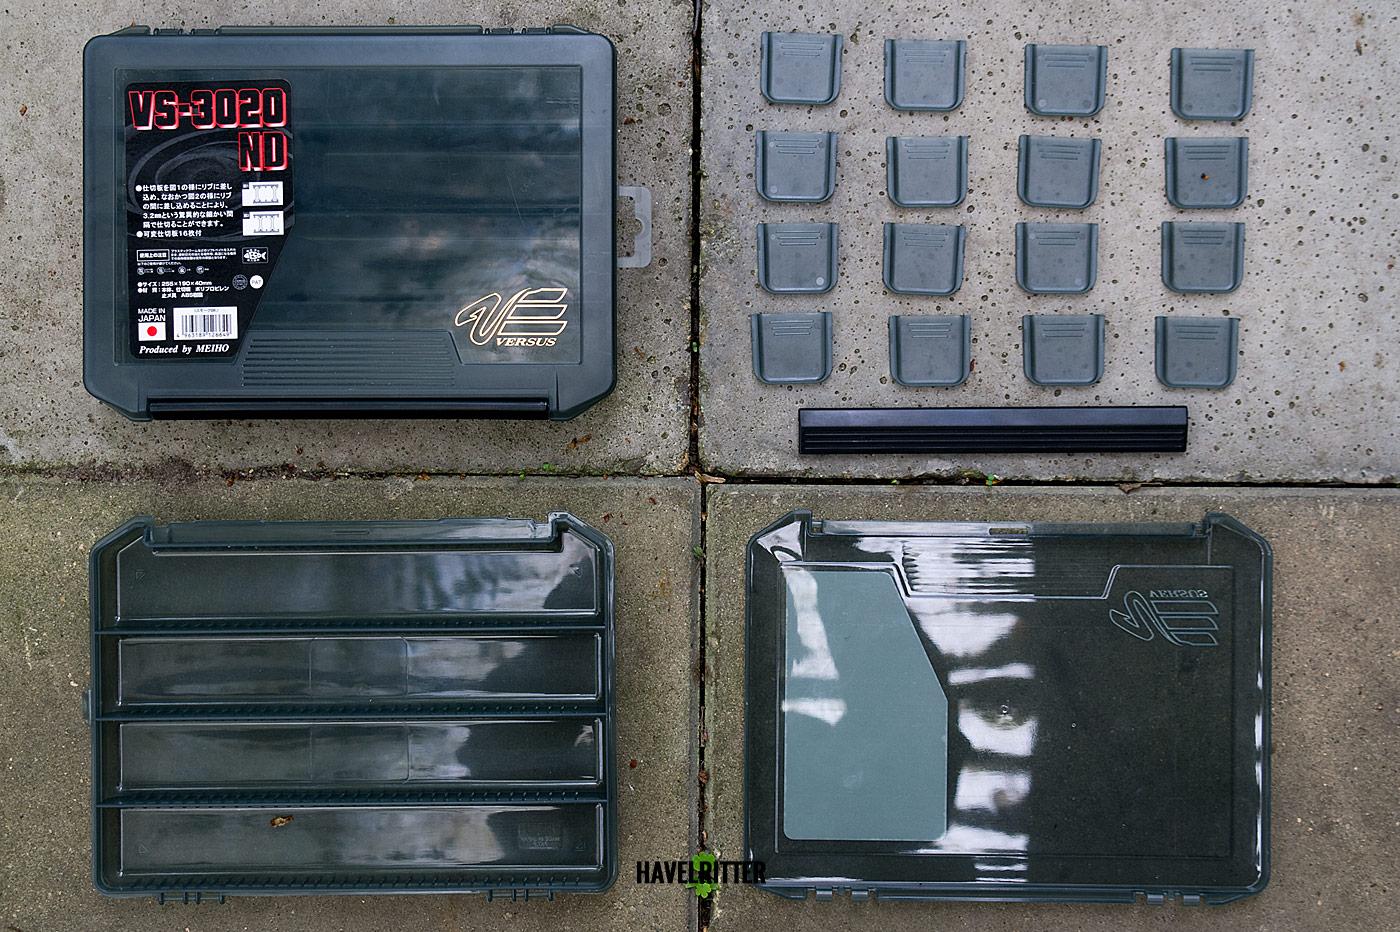 MEIHO Versus VS 3020 - Reparatur, Ersatzteile und Zubehör